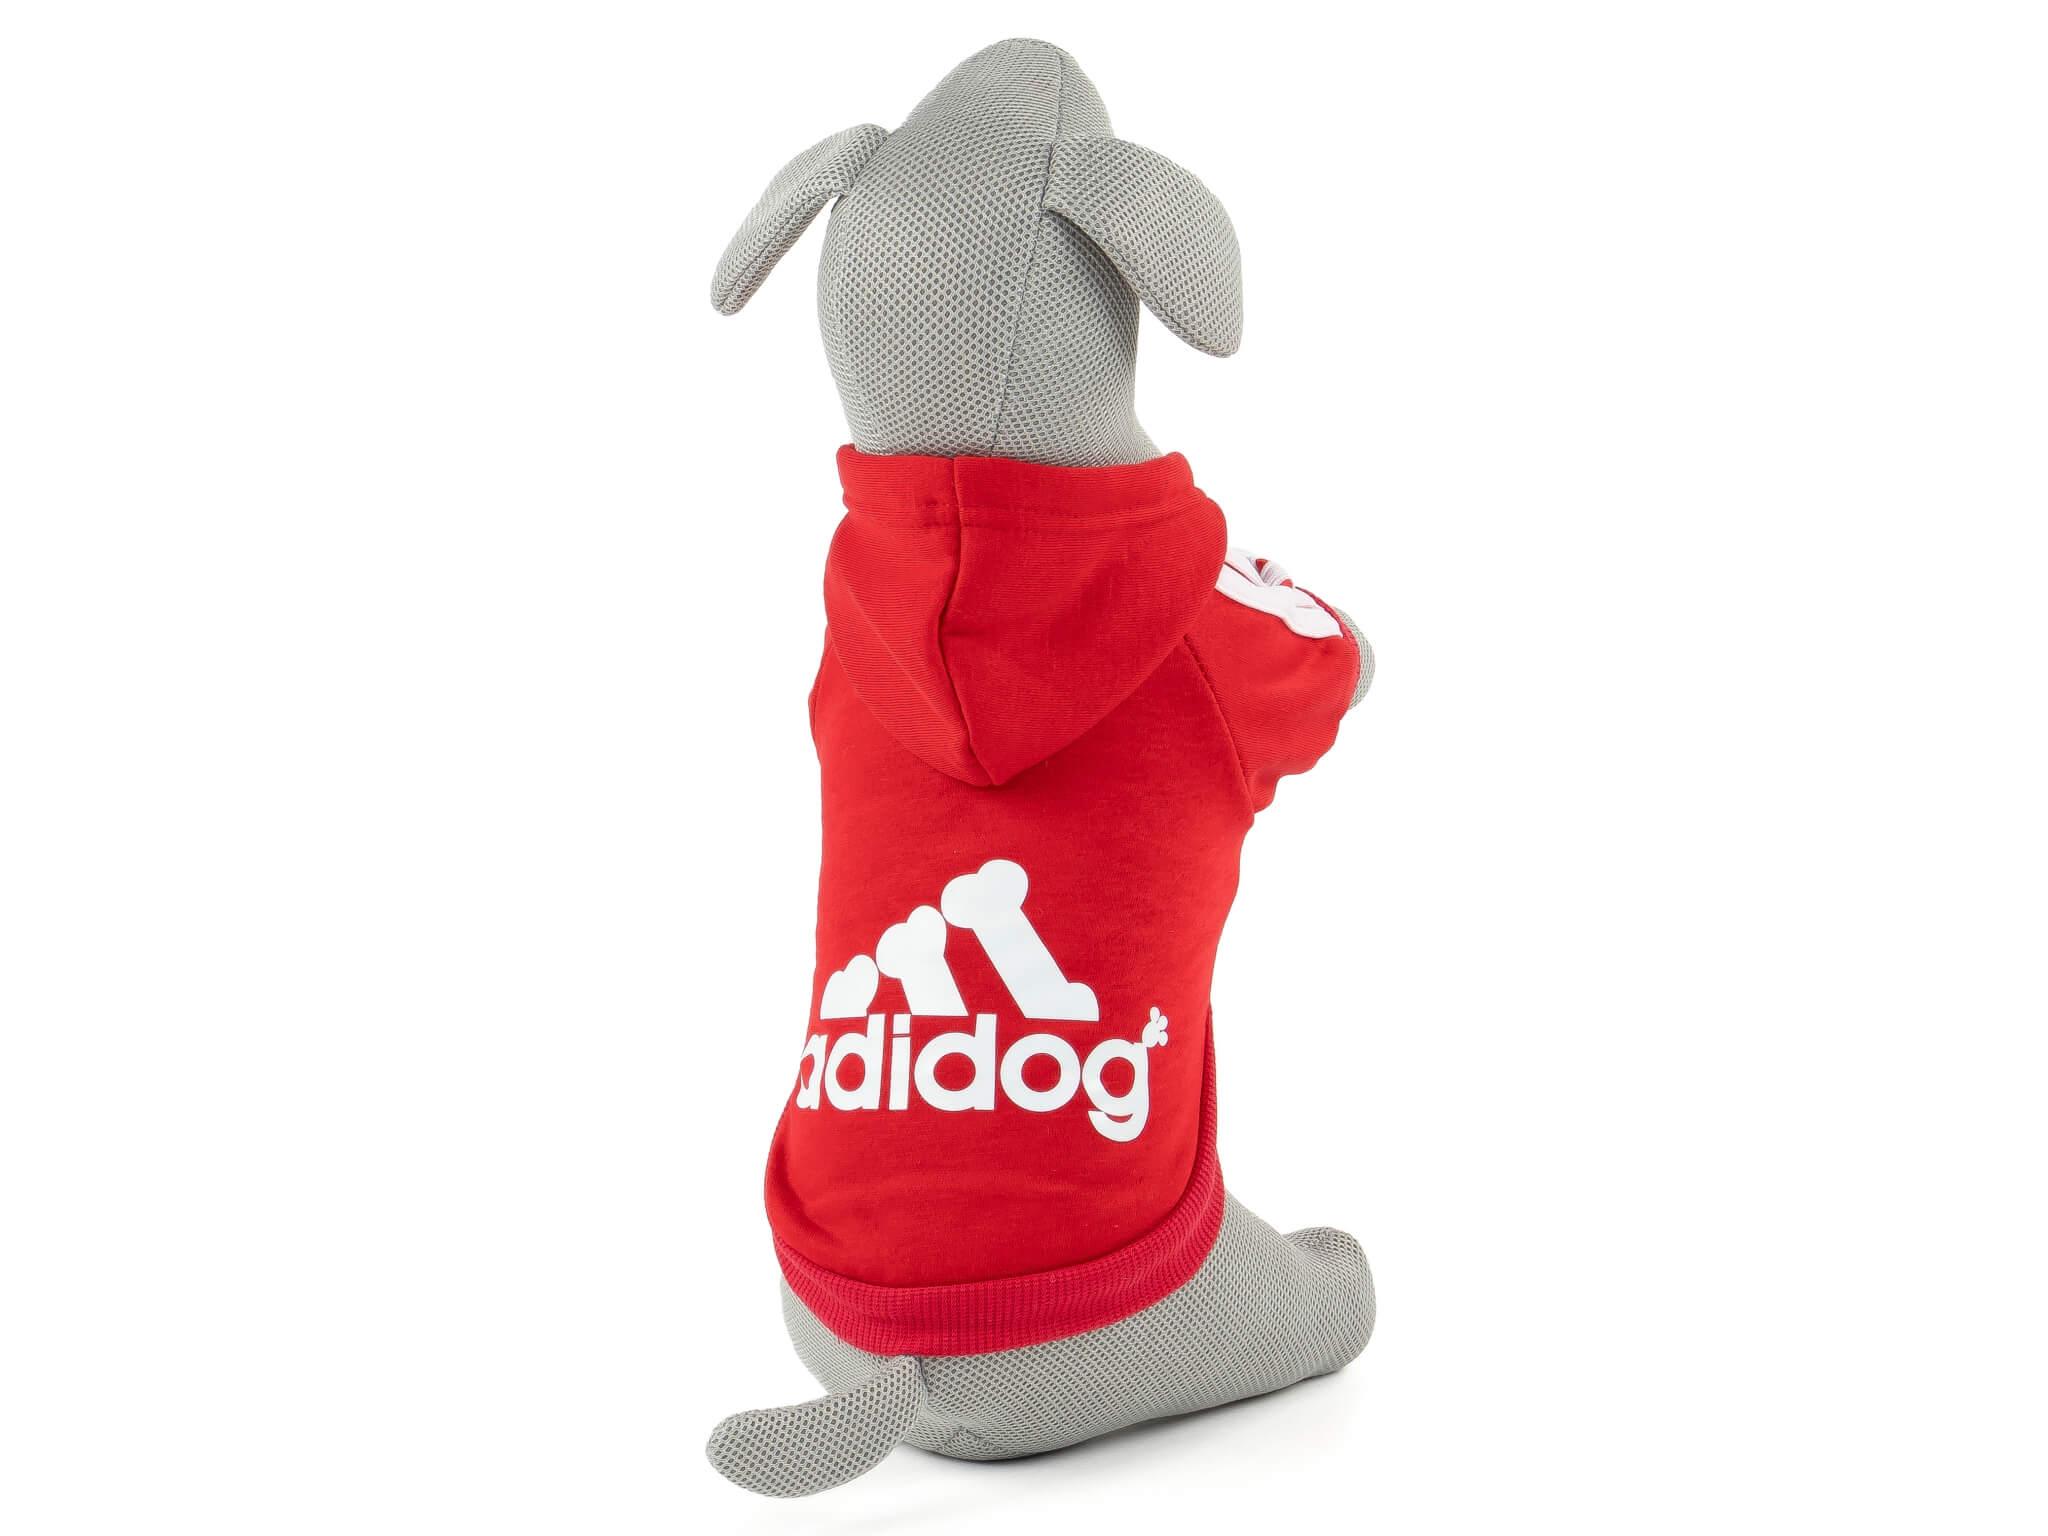 Vsepropejska Adidog červená mikina pro psa Délka zad psa: 18 cm, Obvod hrudníku: 22 - 28 cm